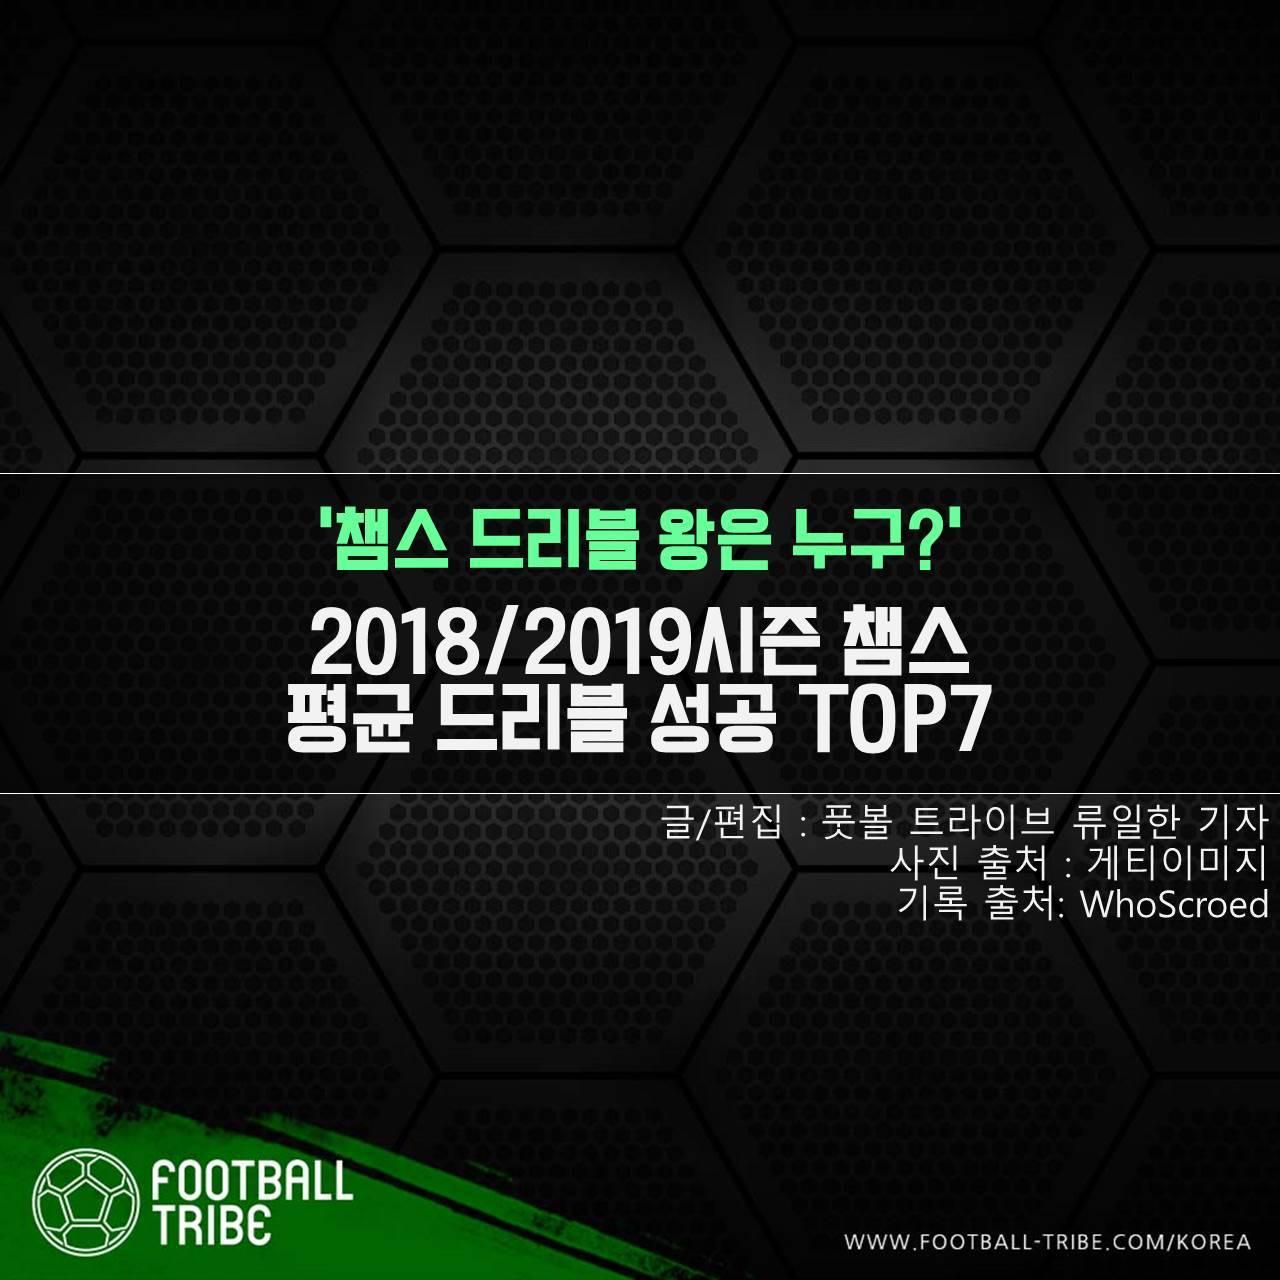 [카드 뉴스] 2018/2019시즌 챔스 평균 드리블 성공 TOP7